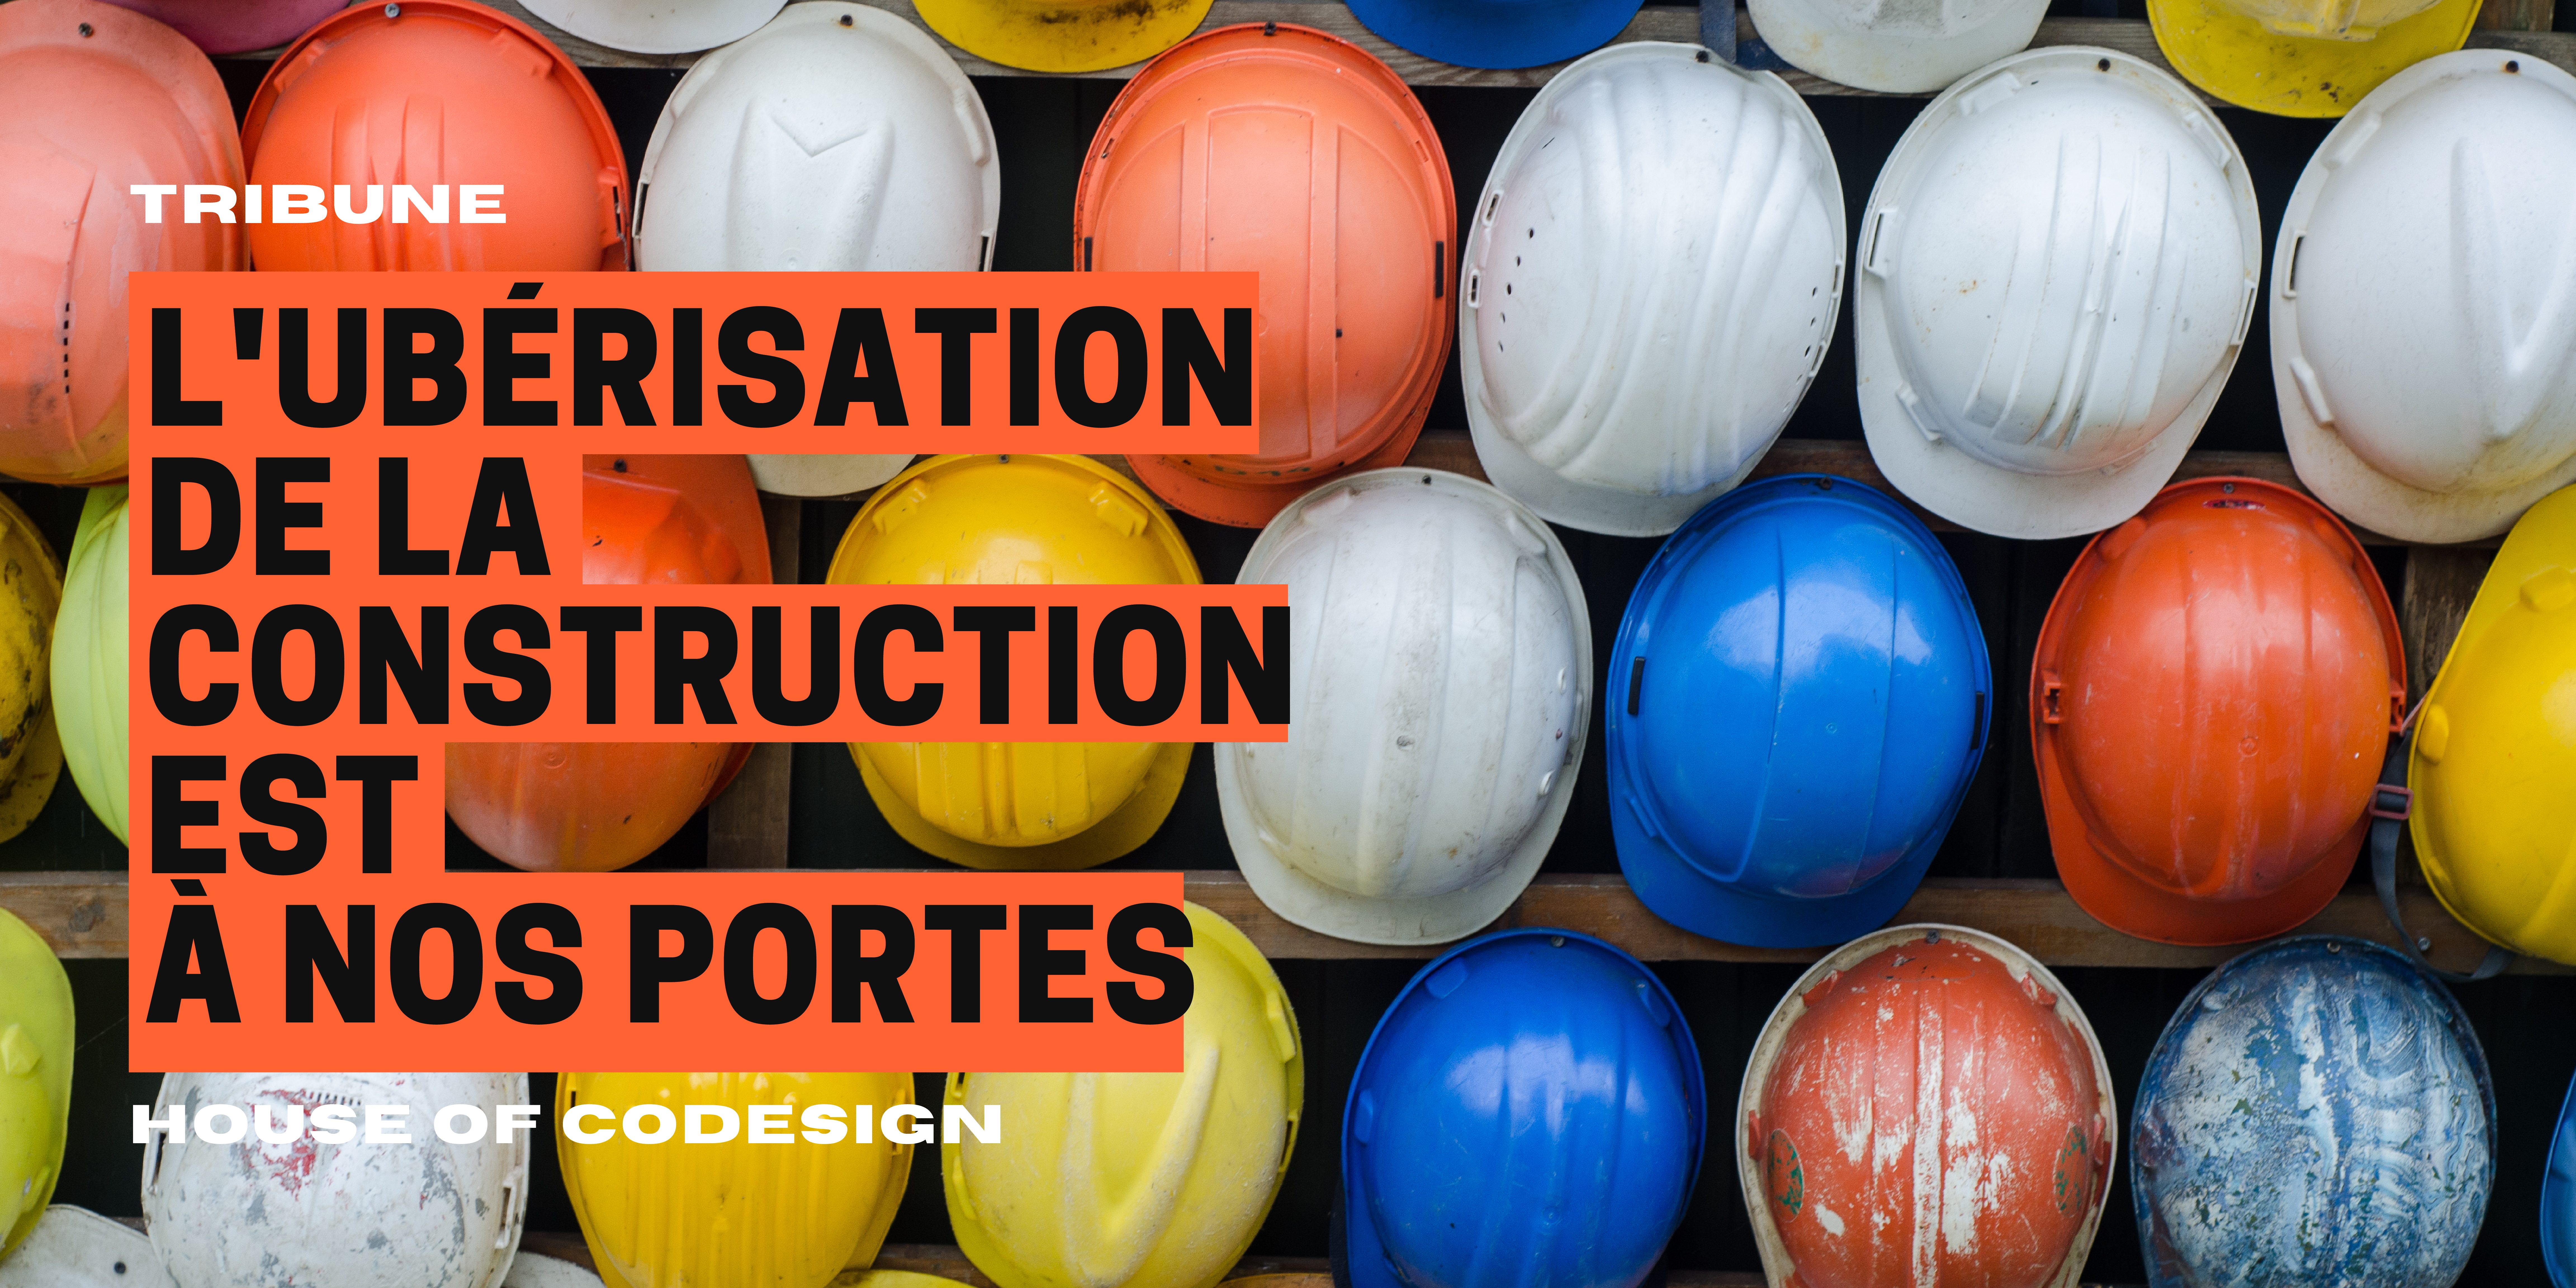 L'Ubérisation de la construction est à nos portes.